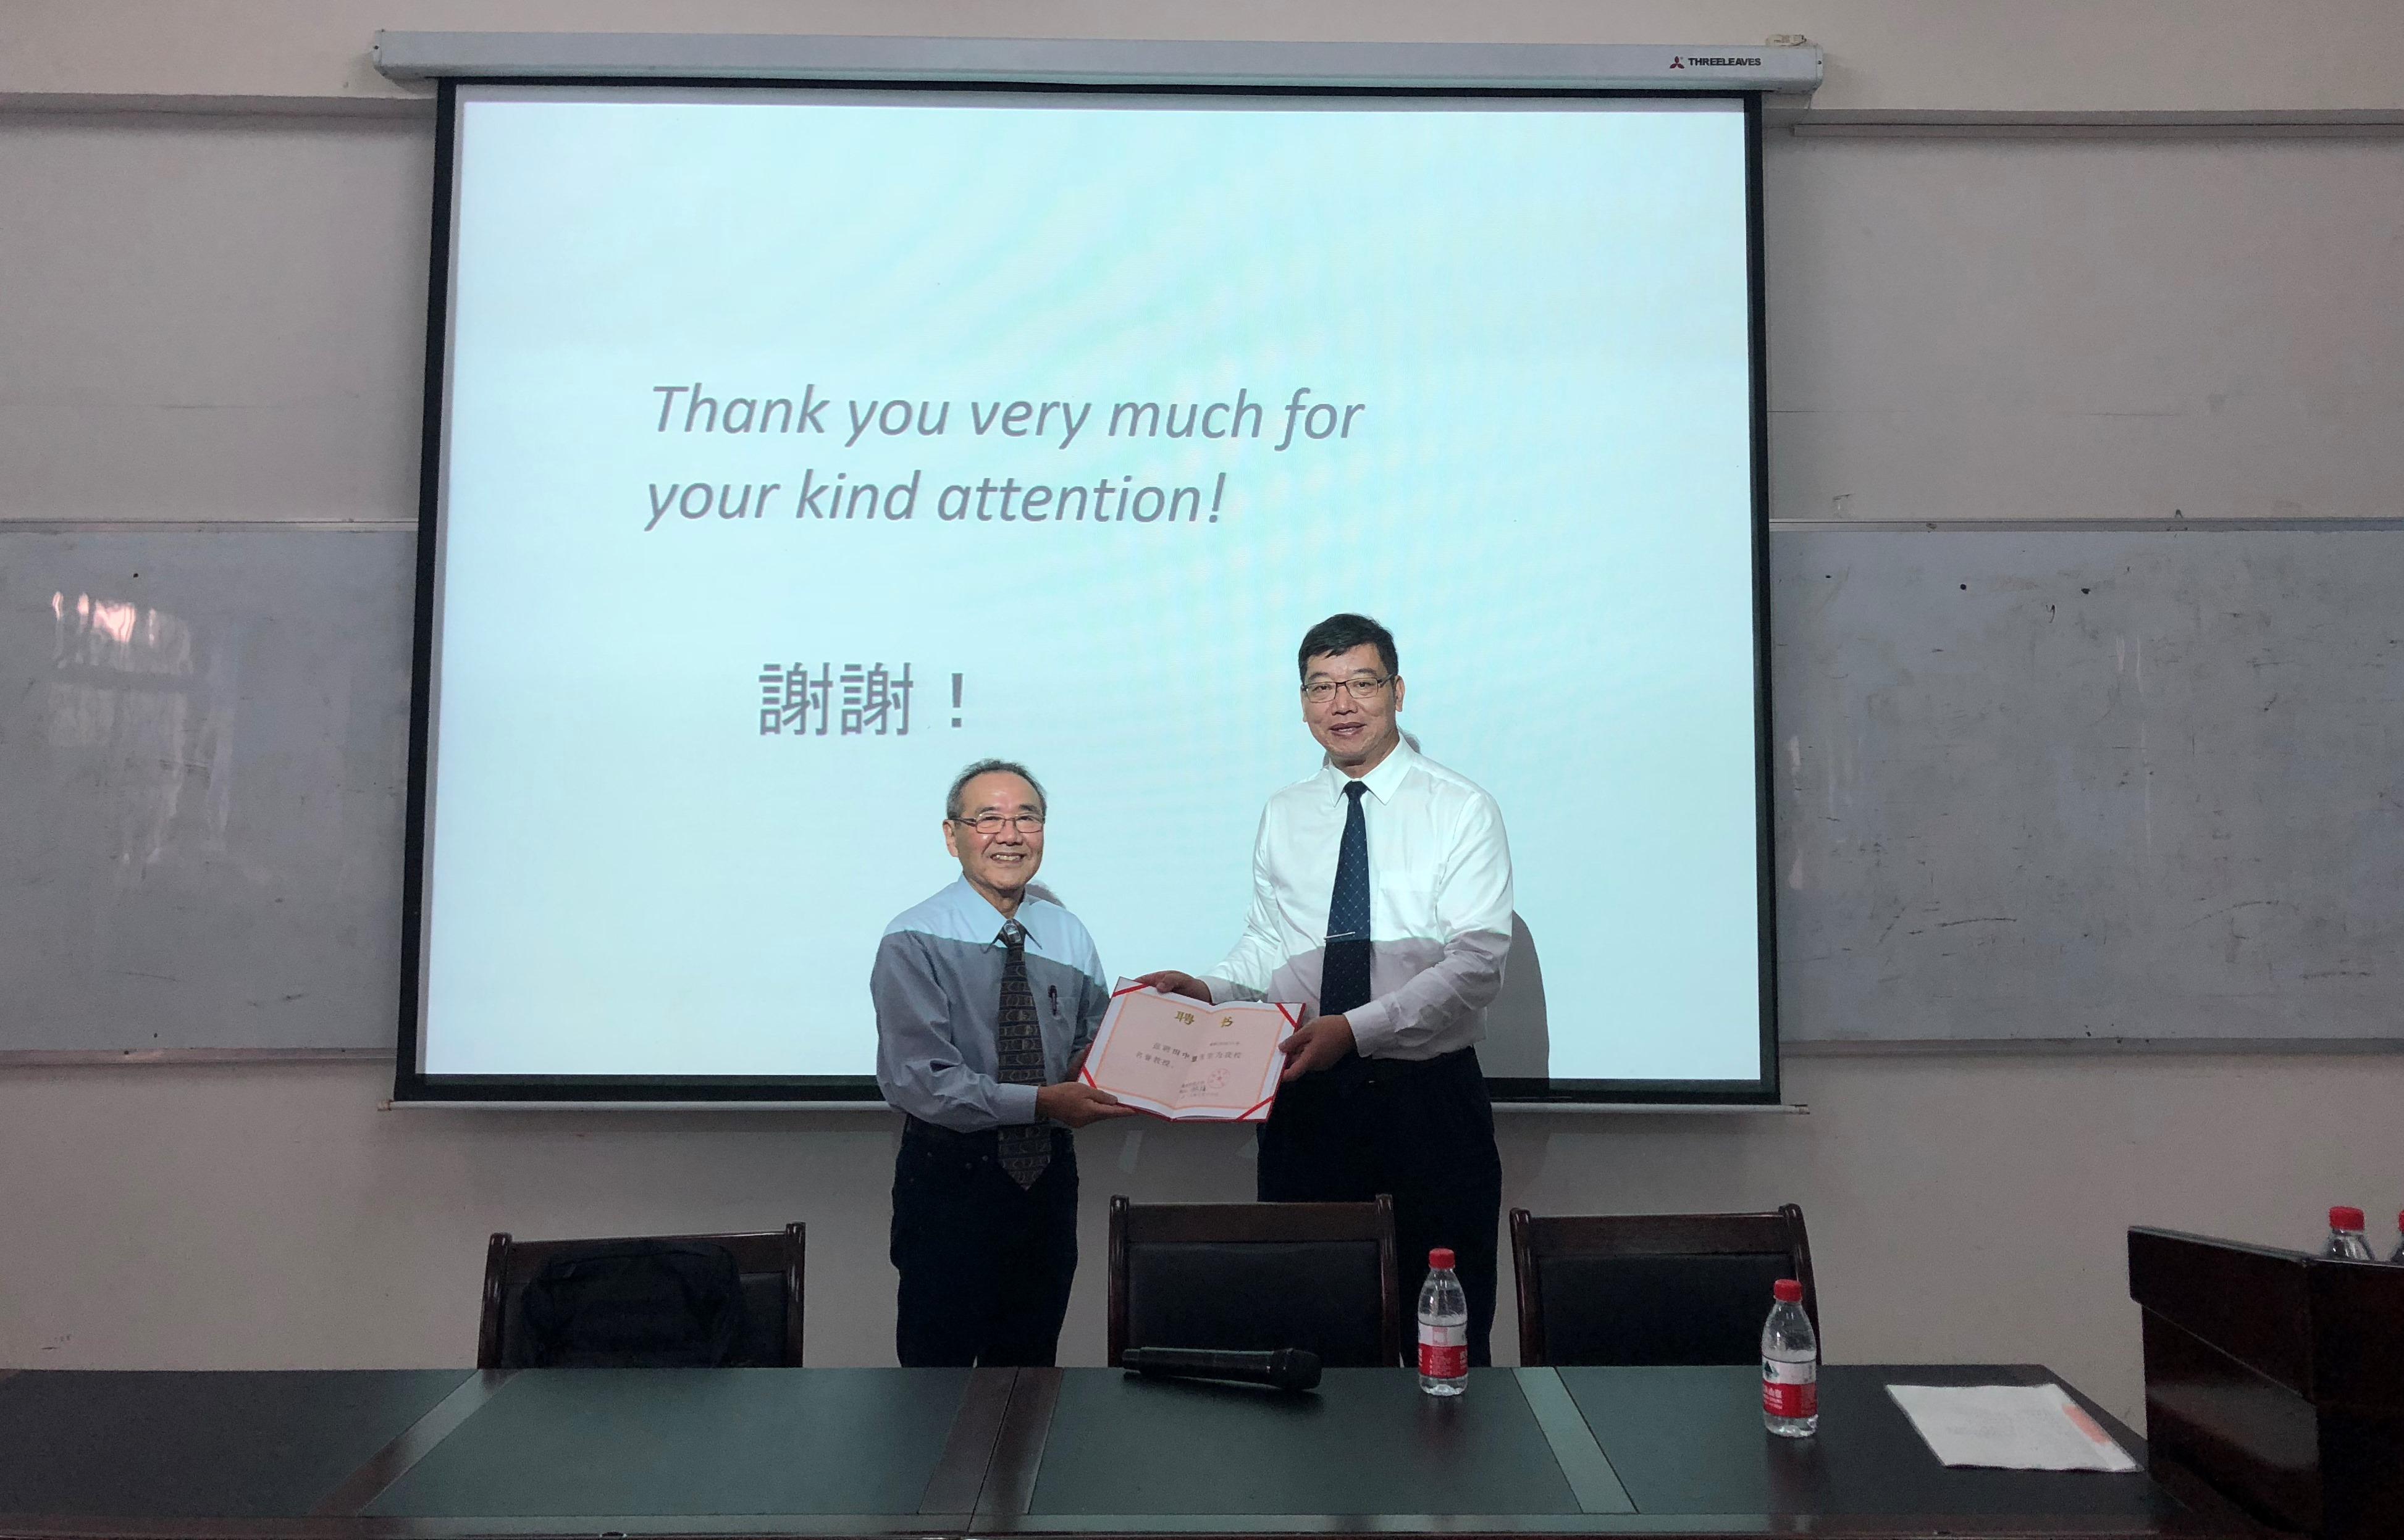 日本冈山大学田中豊教授来我校讲学并获名誉教授证书